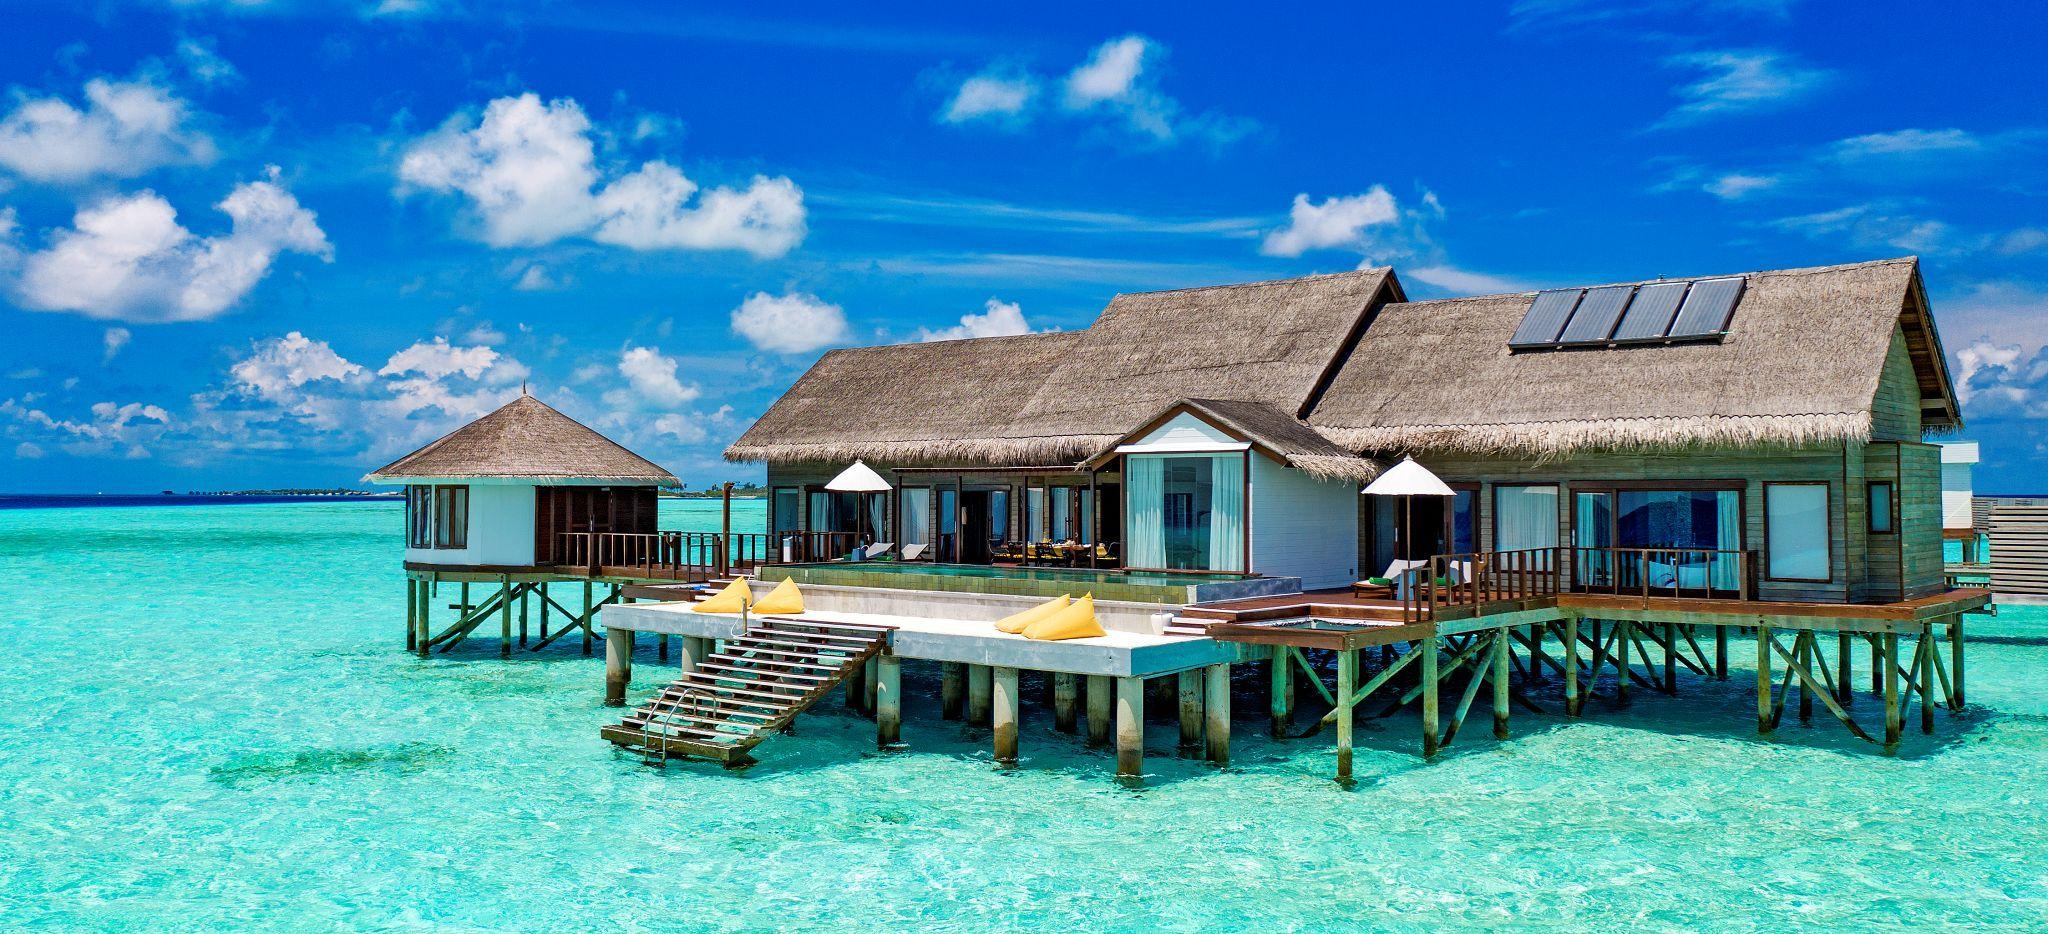 Eine große Wasservilla, um geben vom flachen Wasser der Lagune der Malediven Insel Madhoo